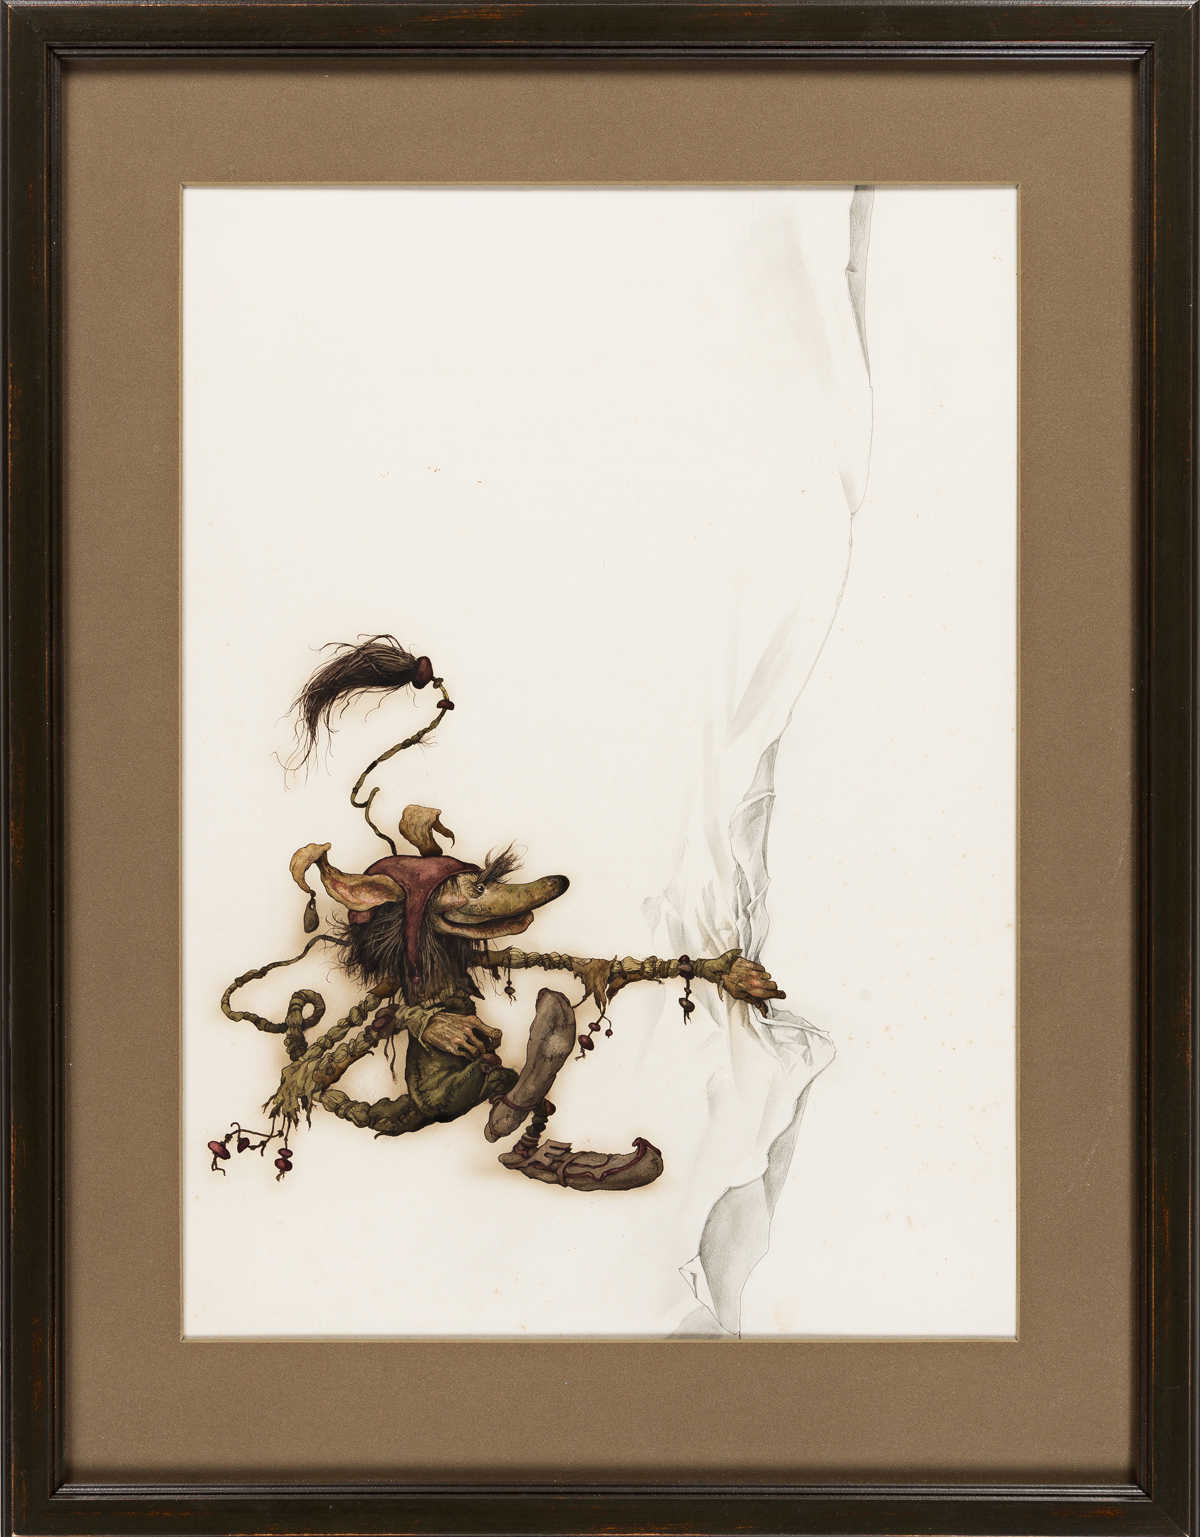 BRIAN FROUD (1947- ) Peering elf. [CHILDRENS / FANTASY]